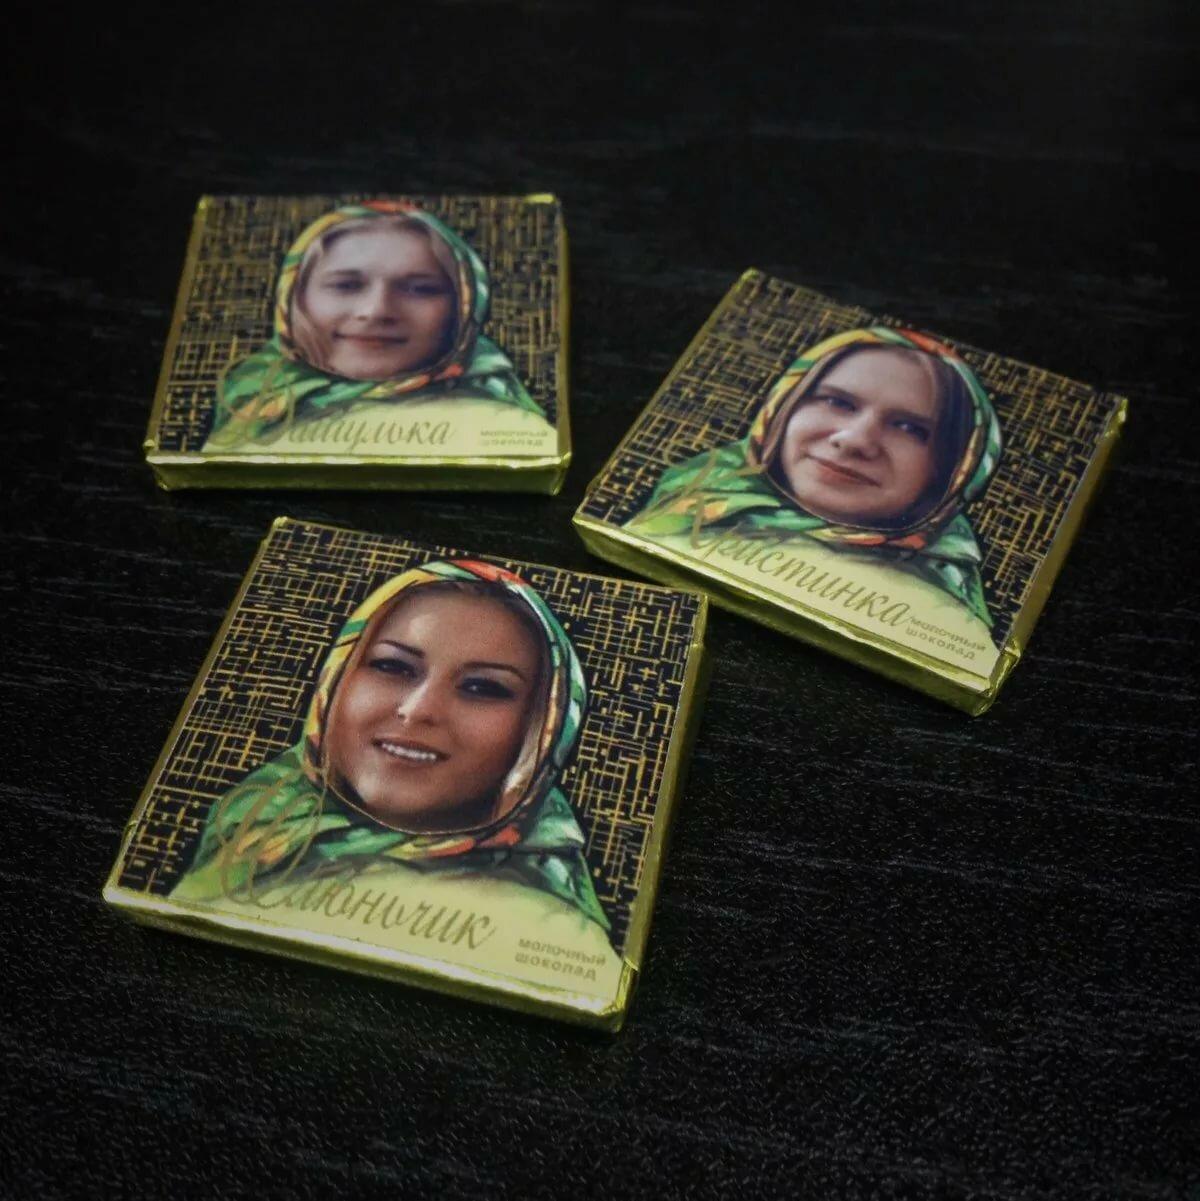 шоколадки аленка с фото коллег брендовые платья от-кутюр